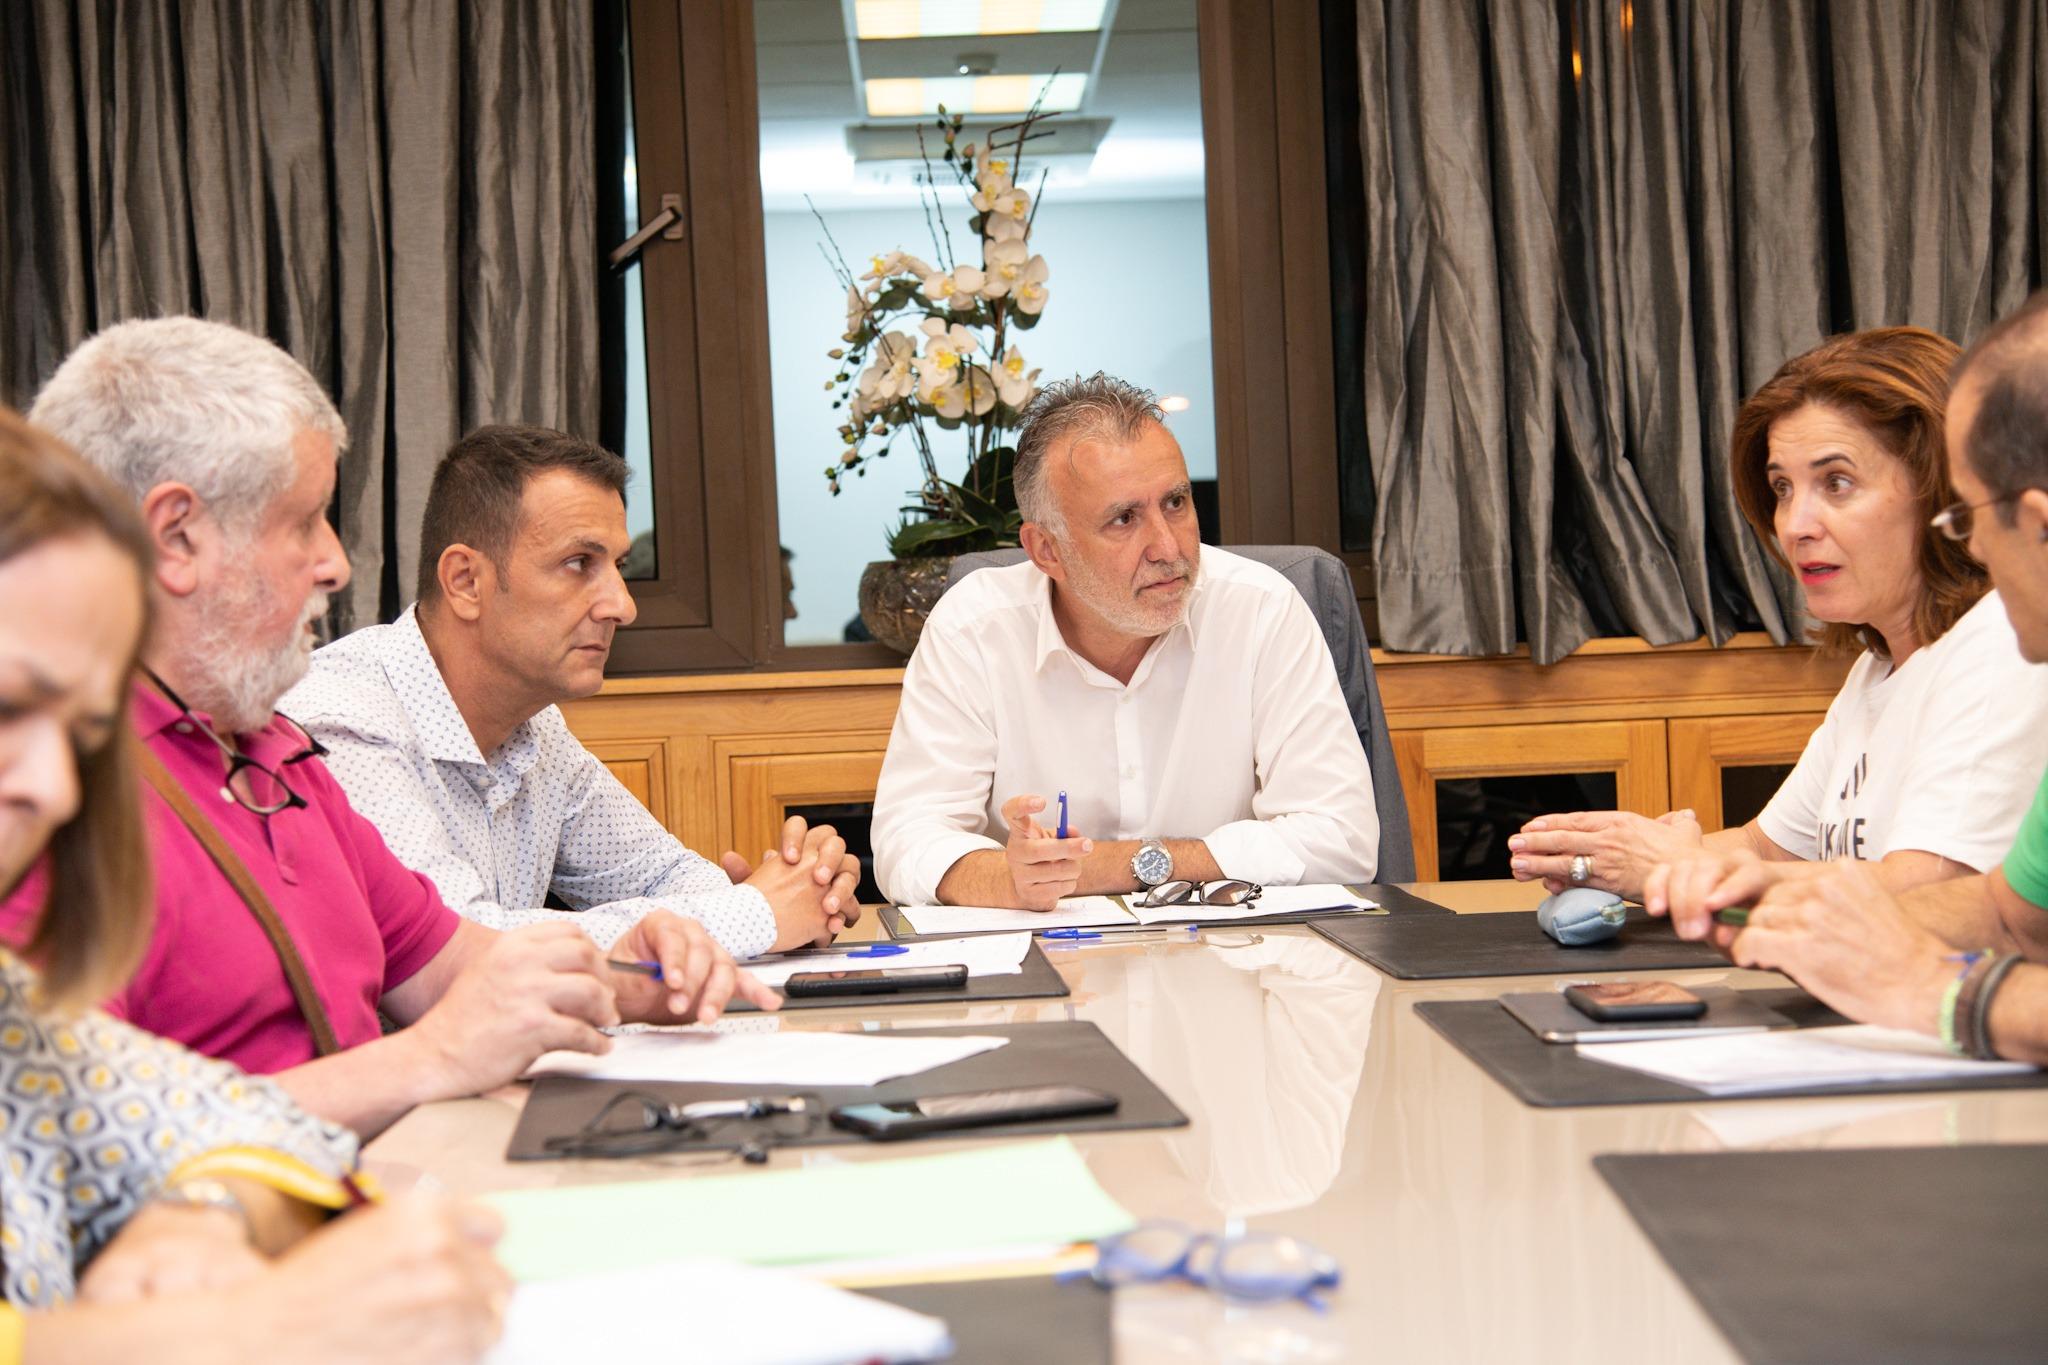 Gobierno de Canarias y sindicatos avanzan para desbloquear las negociaciones para la Oferta Pública de Empleo de Sanidad